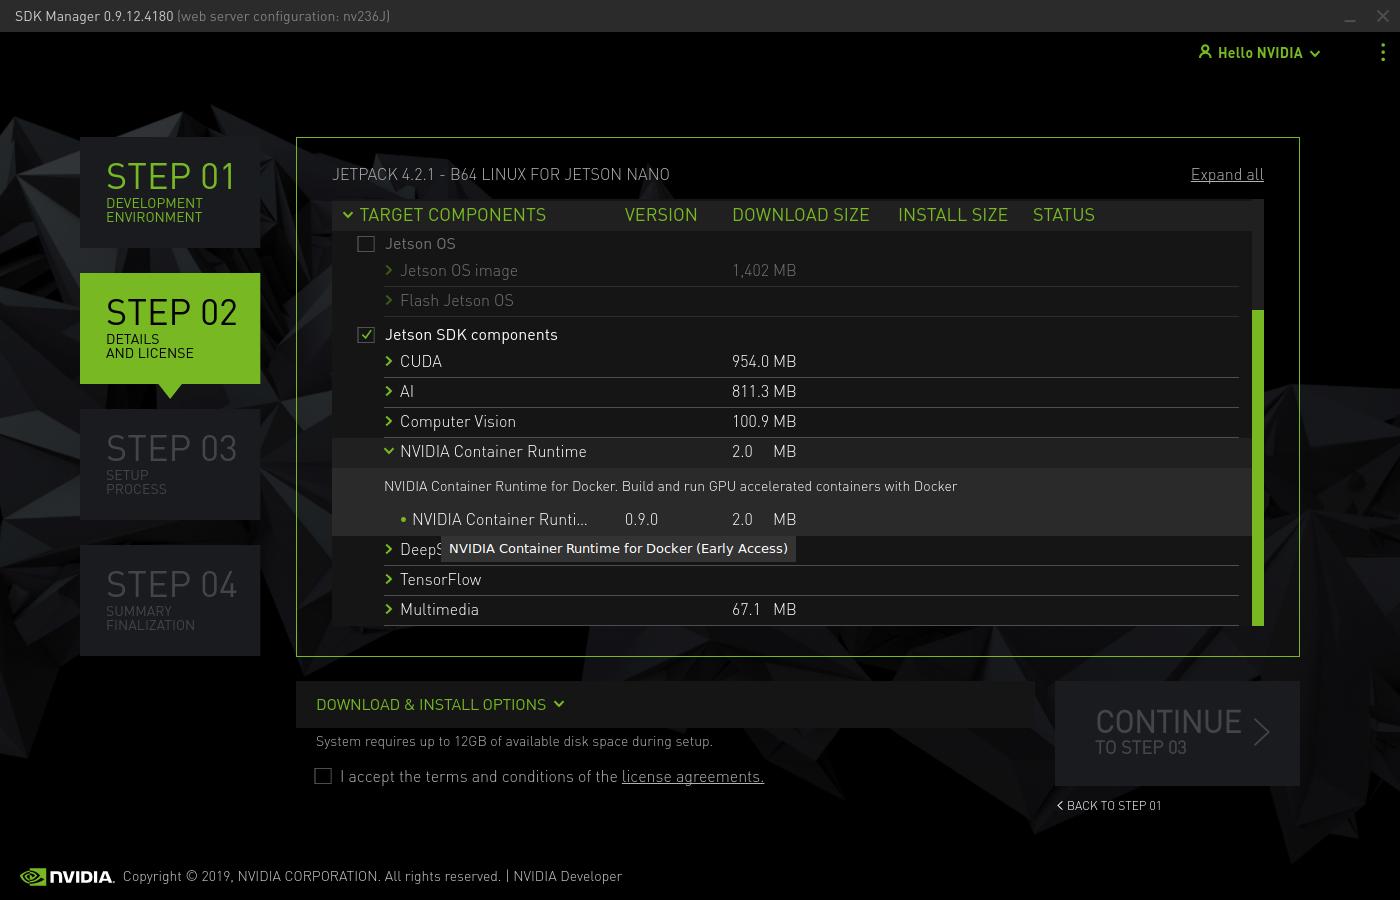 NVIDIA Container Runtime on Jetson · NVIDIA/nvidia-docker